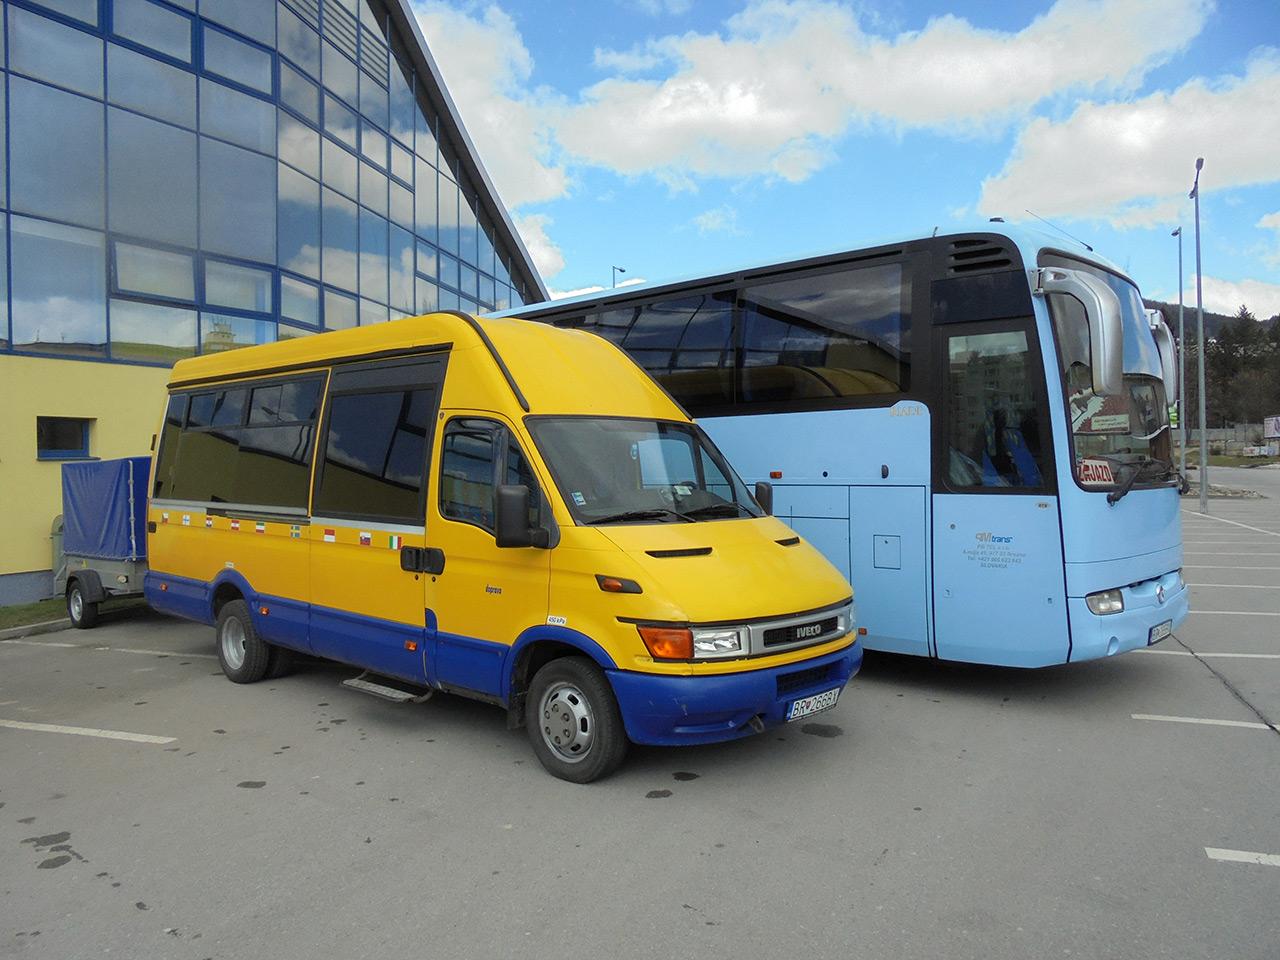 autobusova-doprava-1